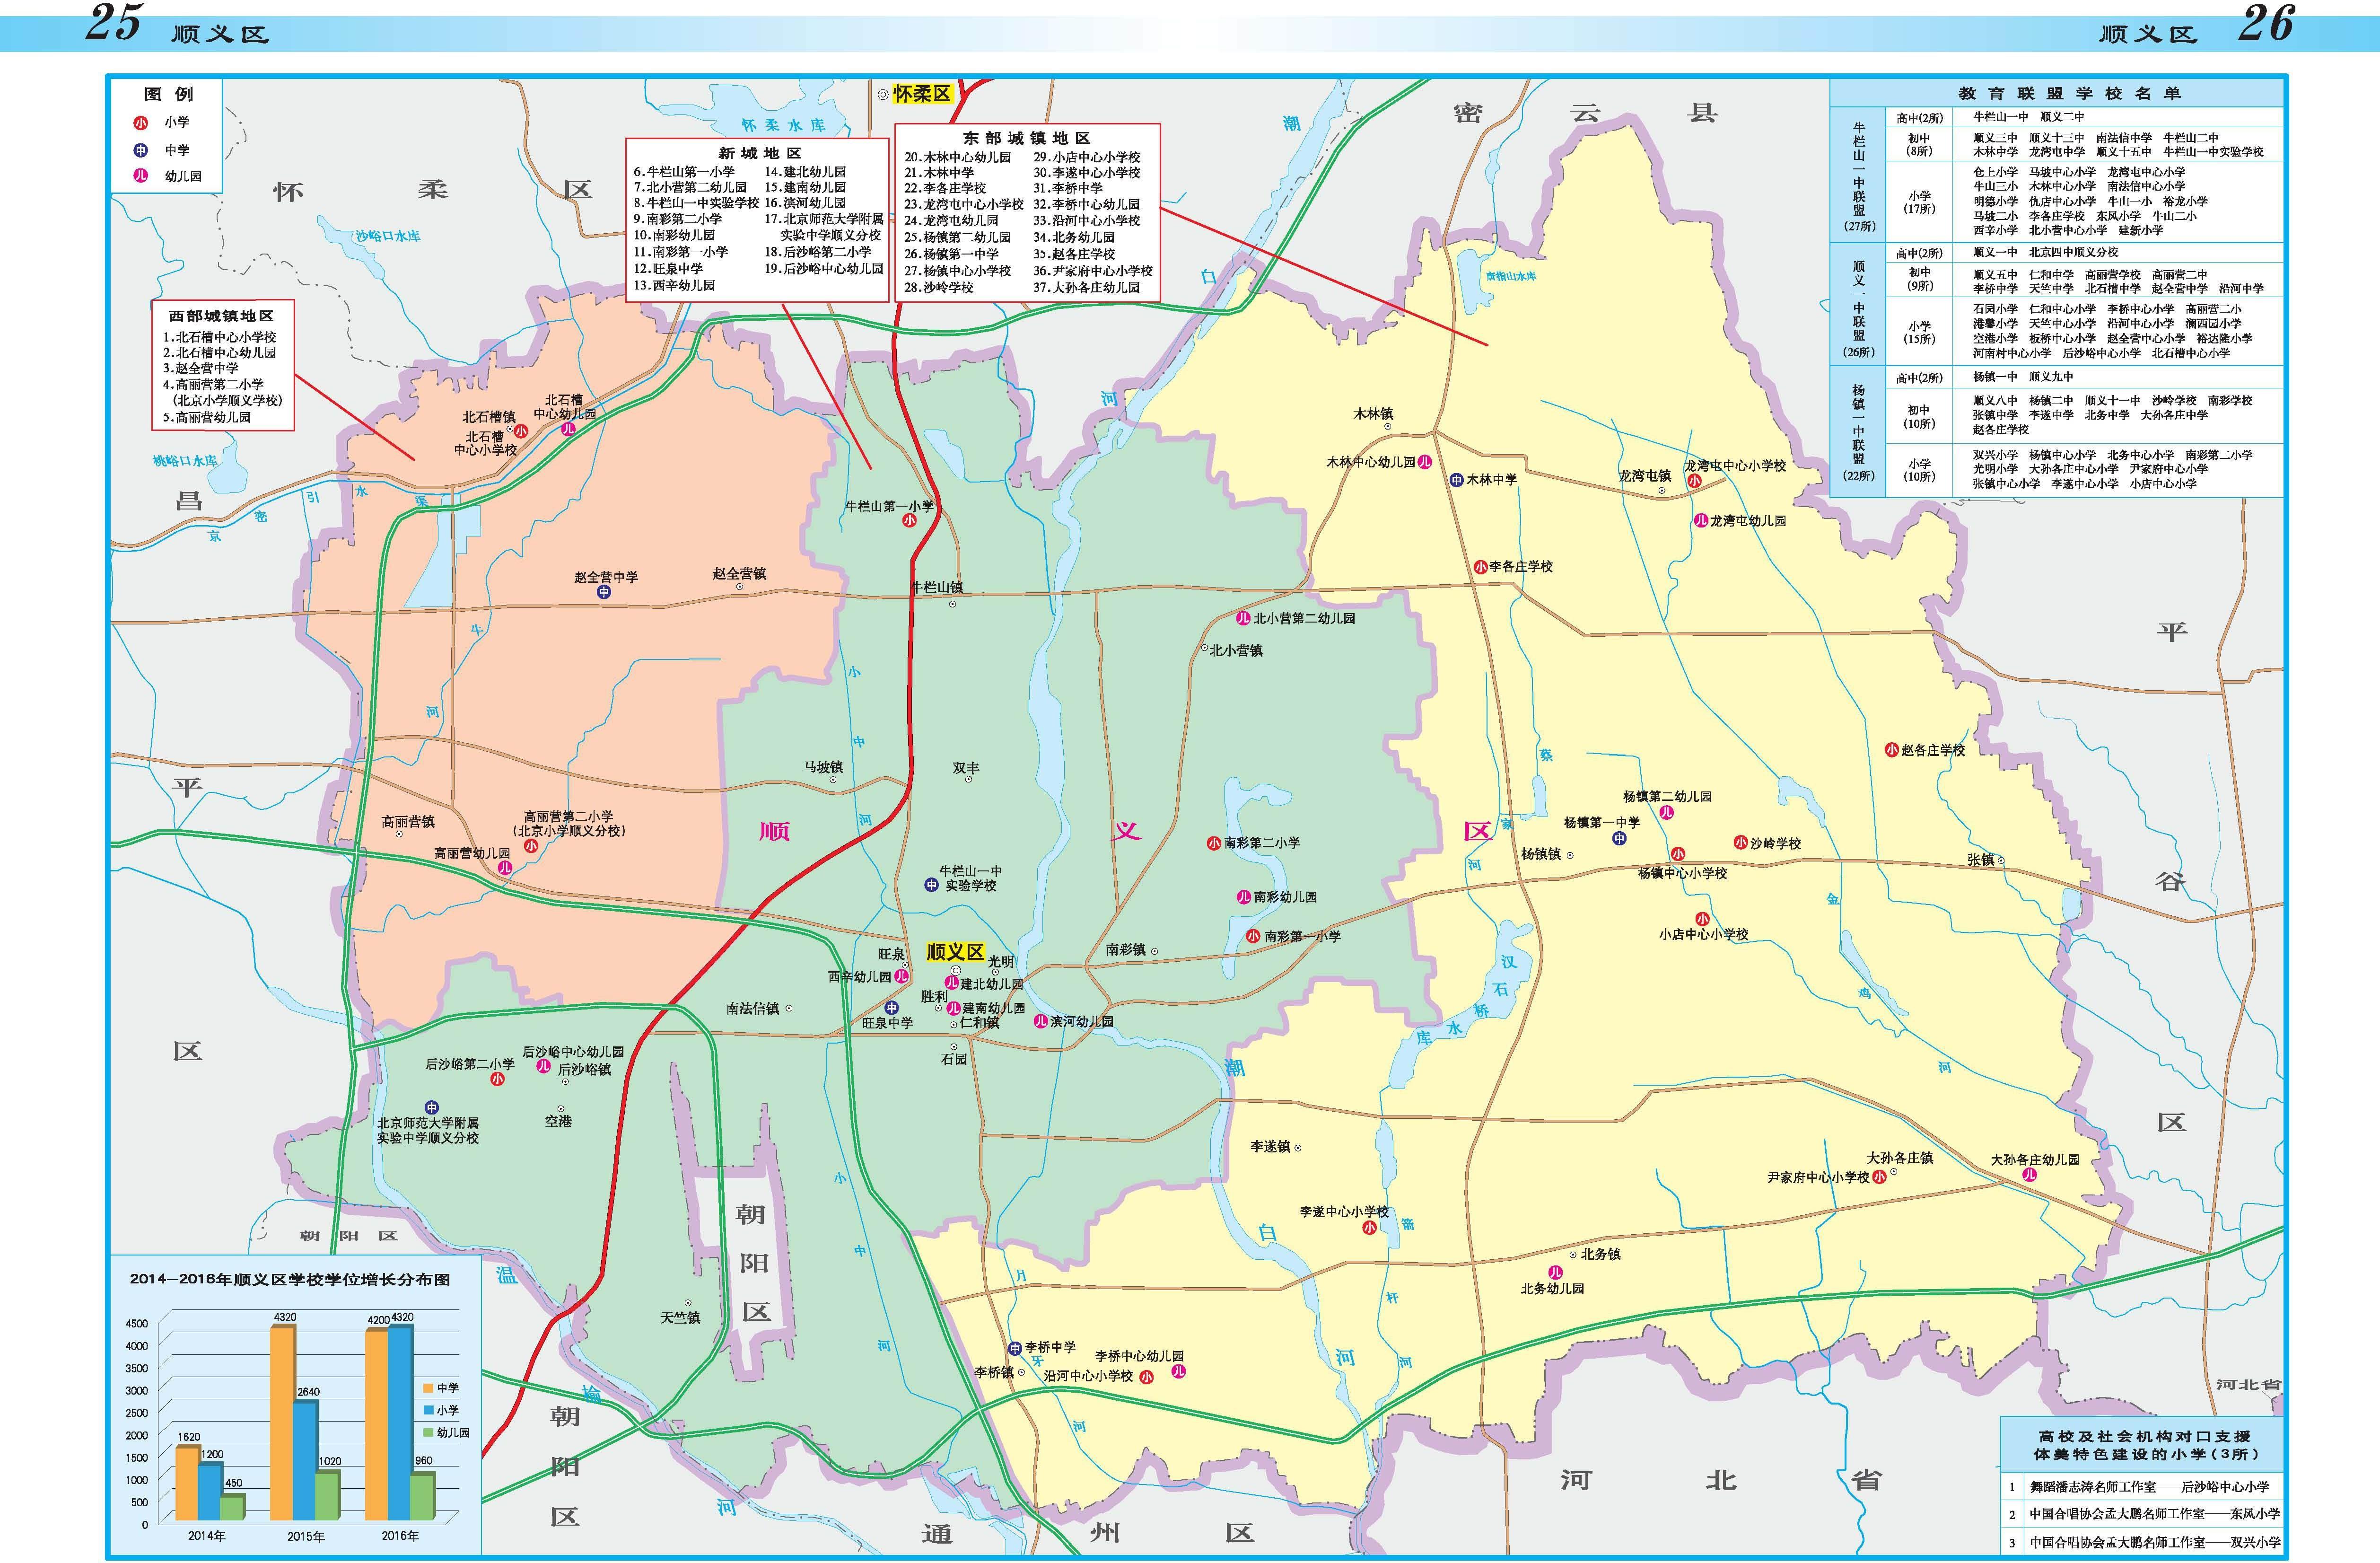 北京各区教育地图公布